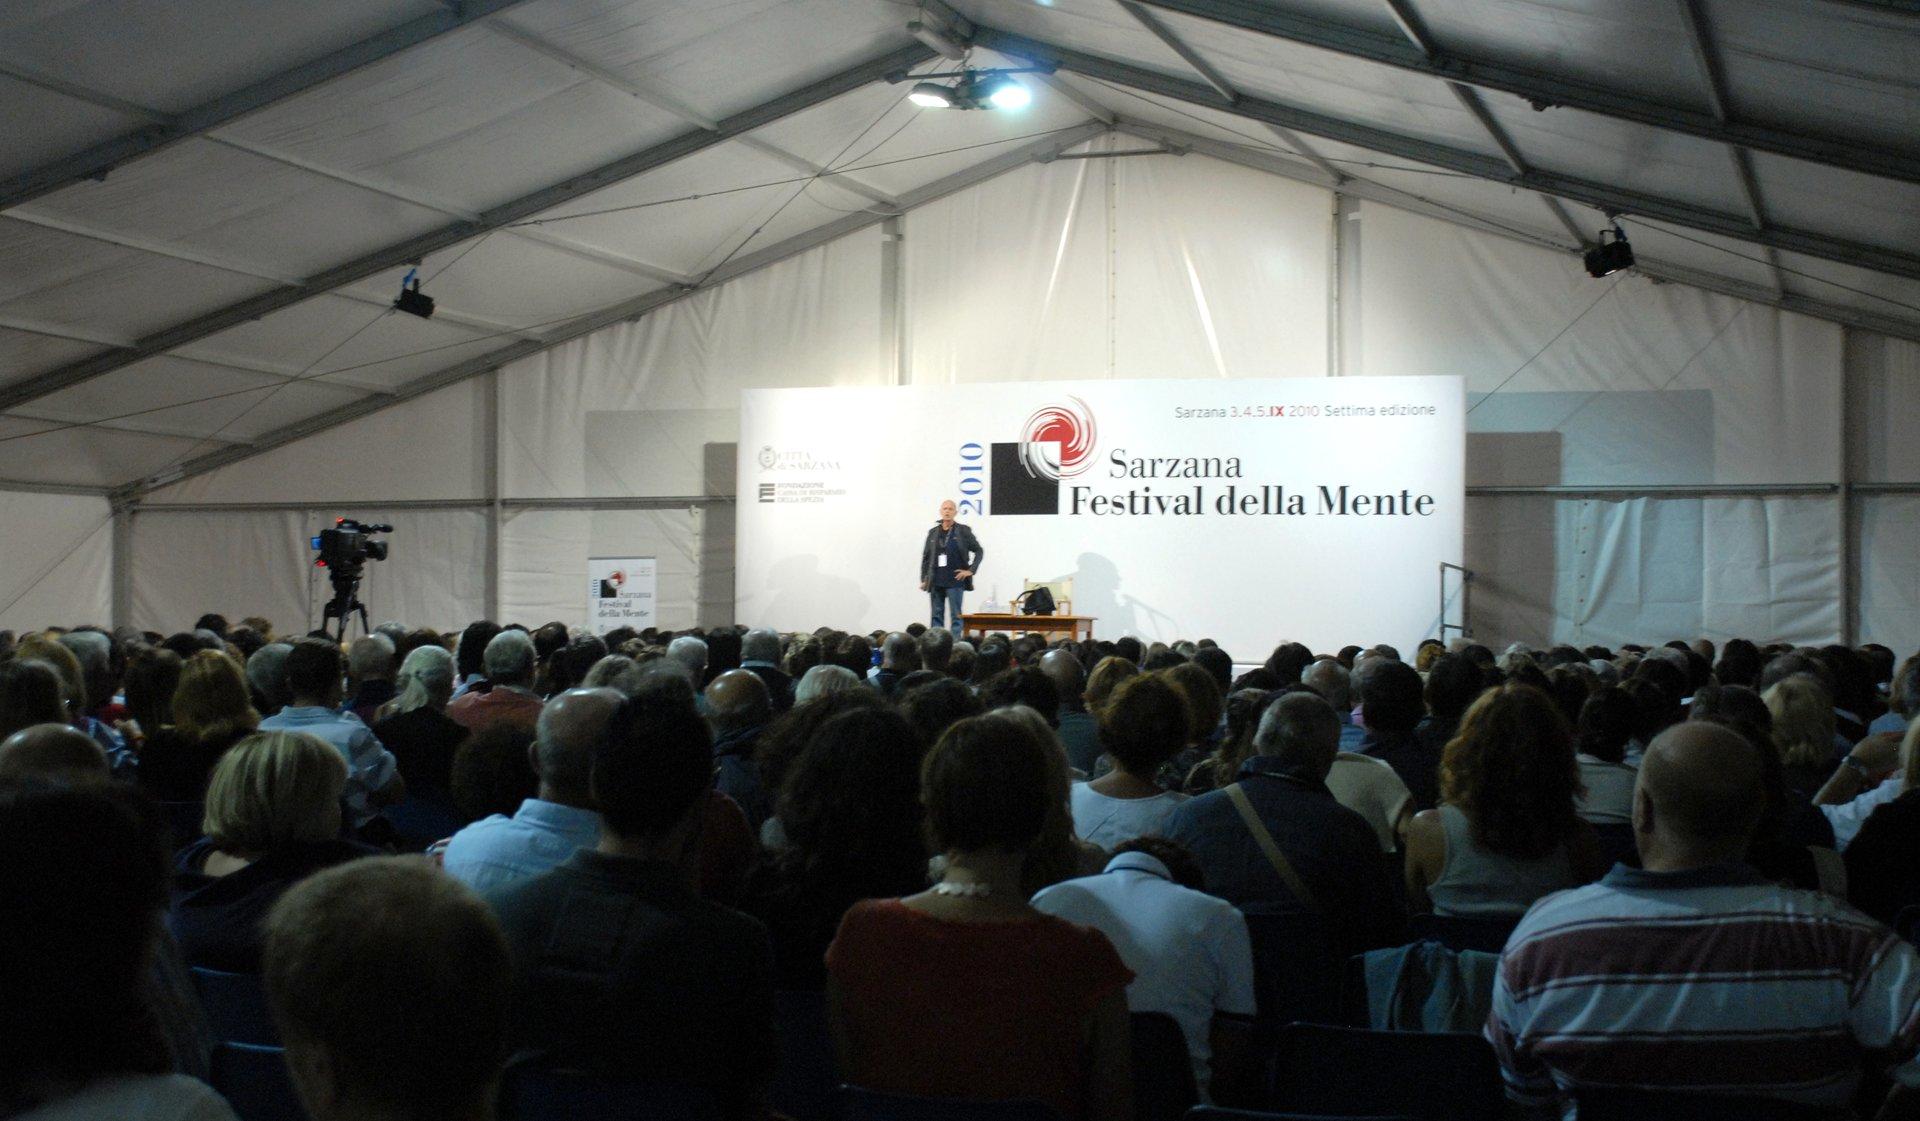 Festival della Mente in Italy - Best Season 2020